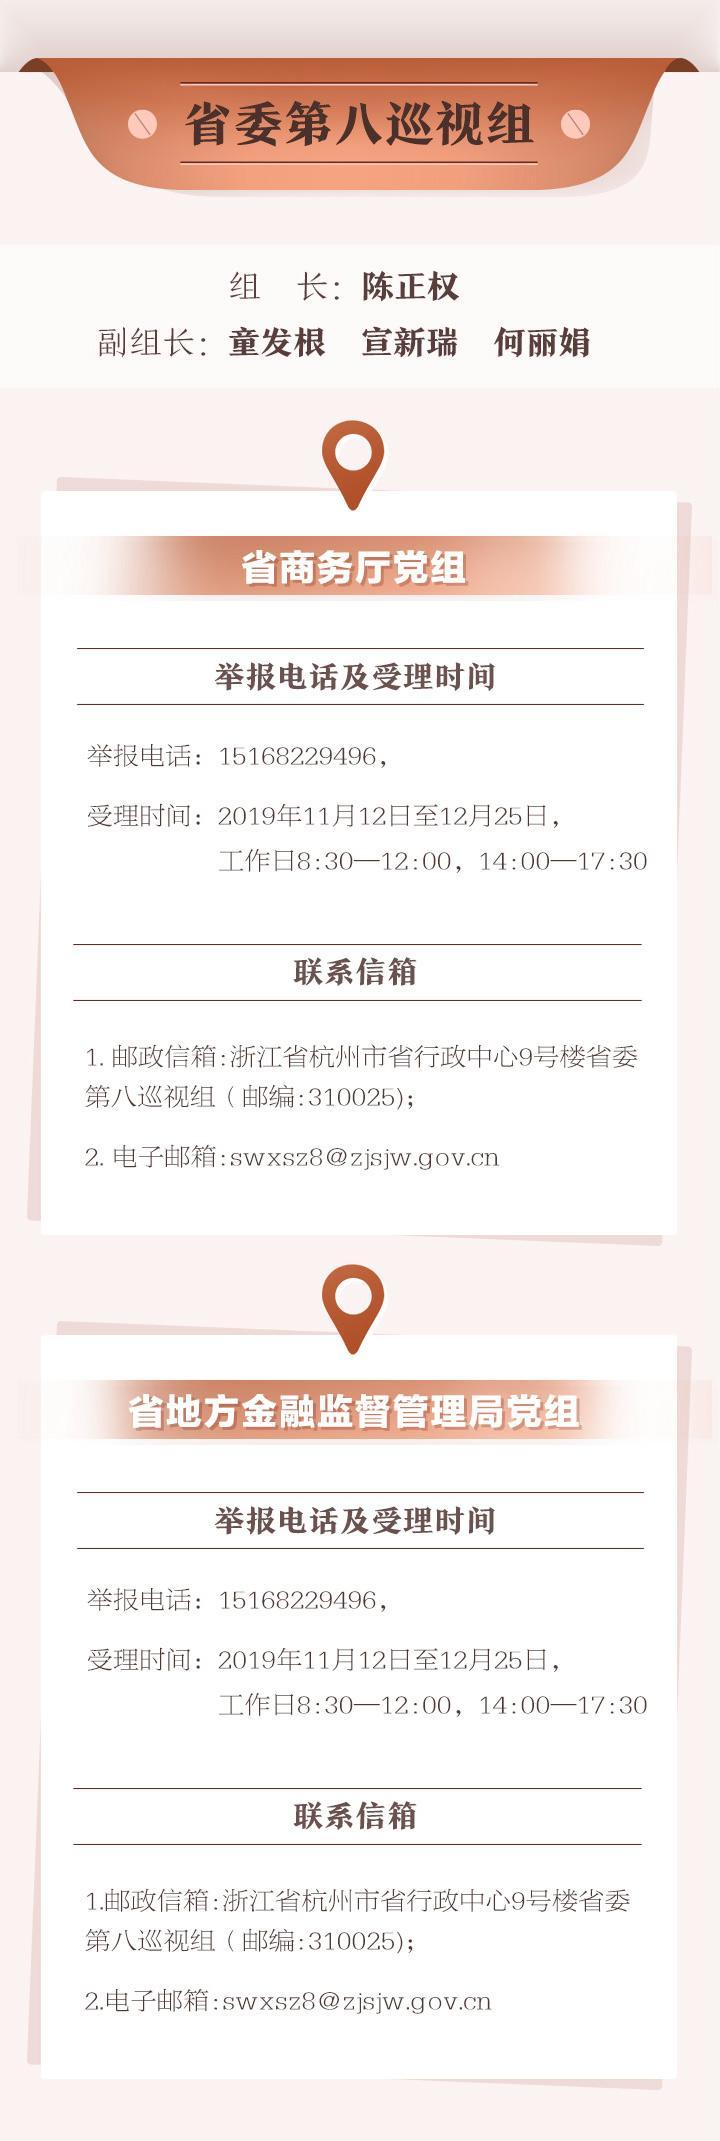 十四届省委第七轮巡视进驻情况一览表_09.jpg